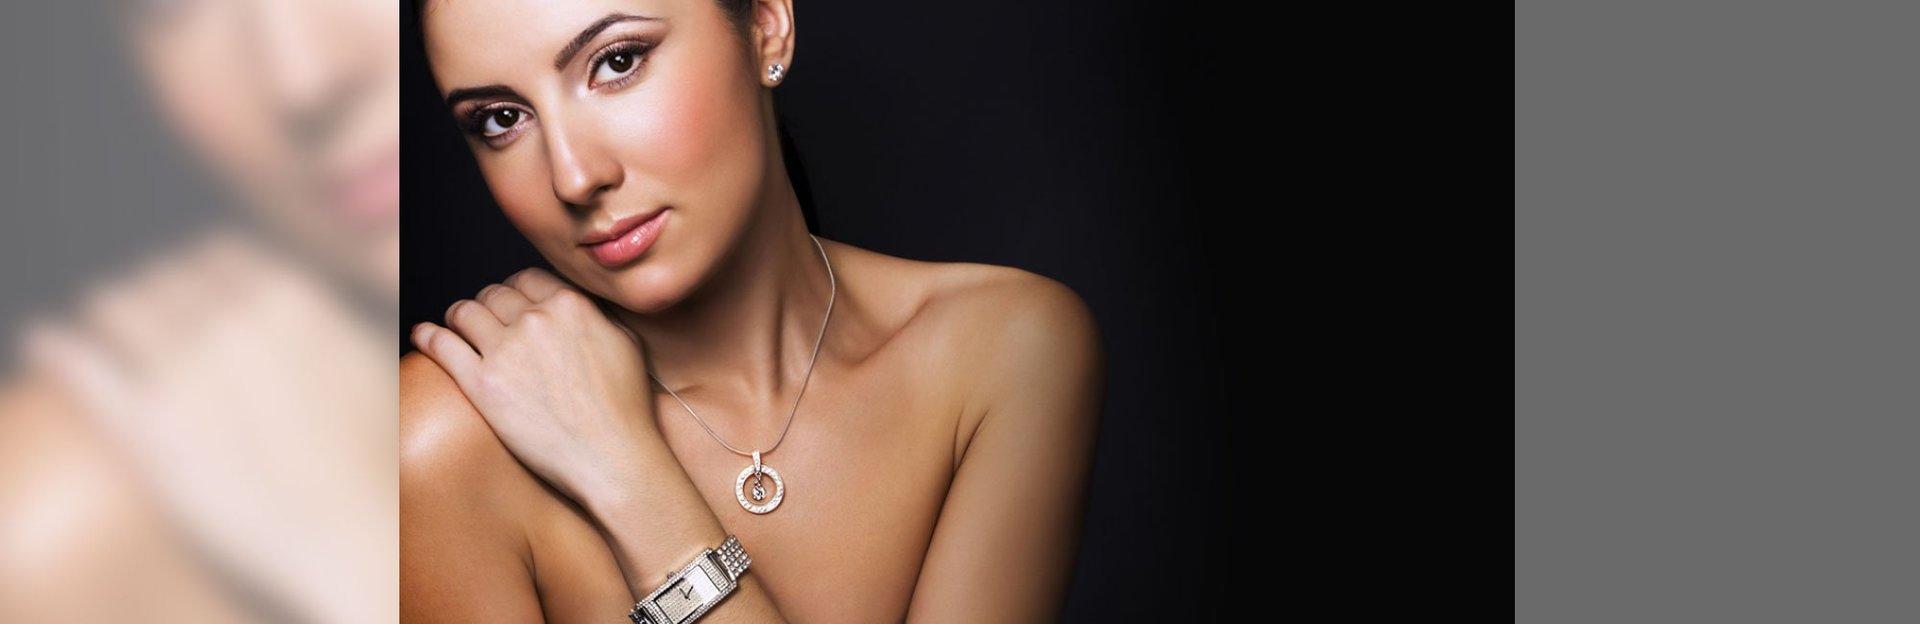 Lady wearing diamond pendant